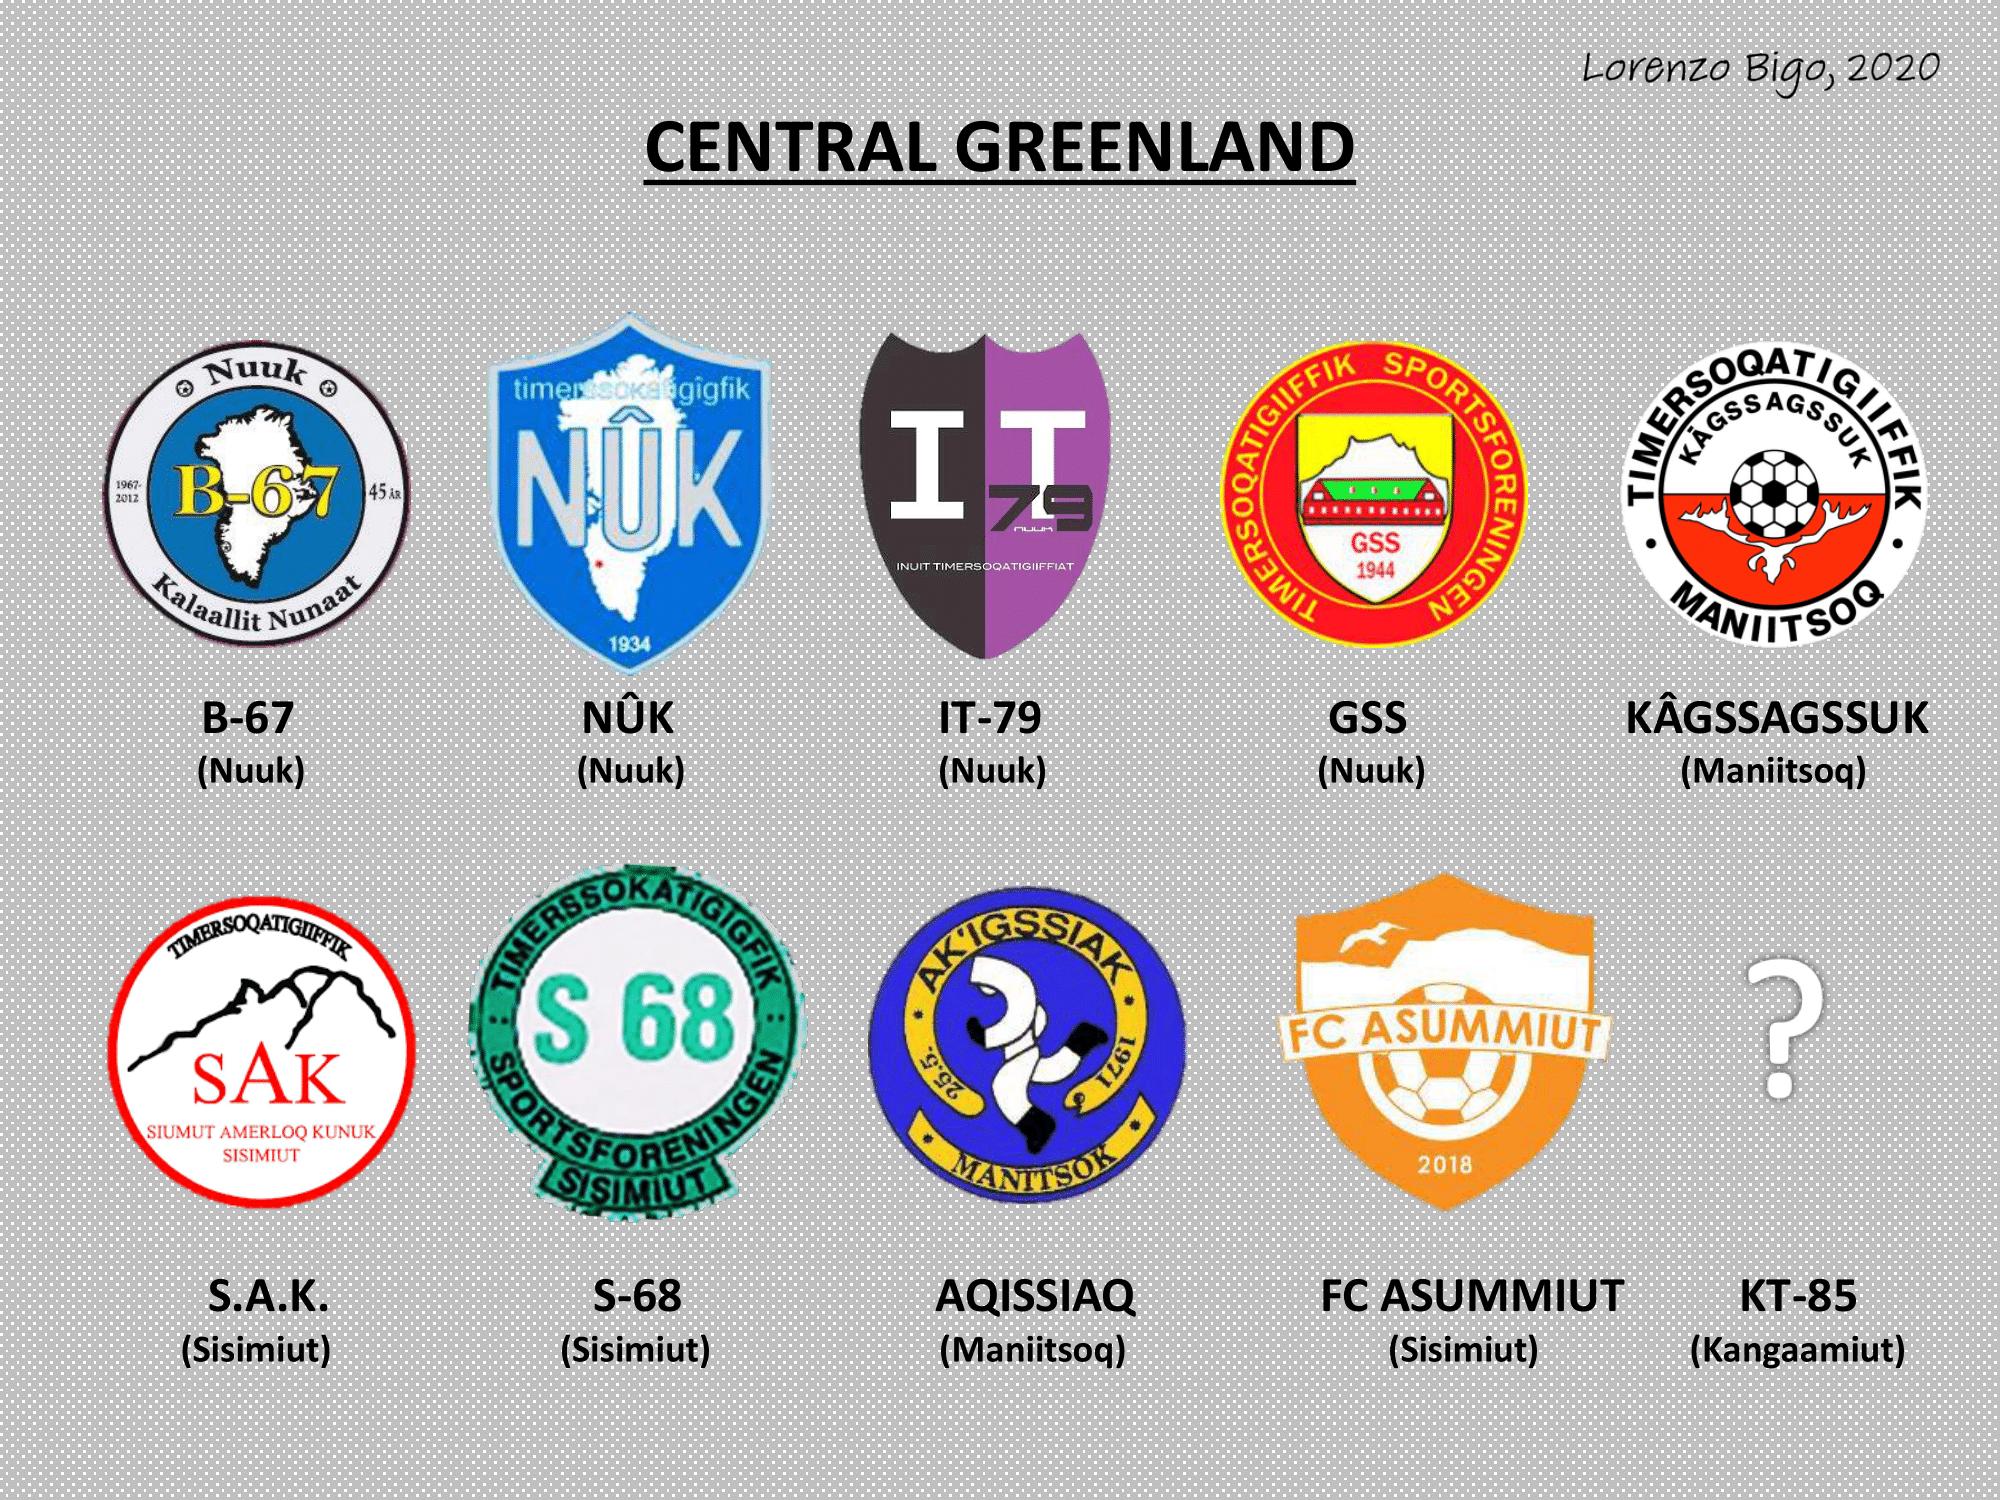 Самое короткое футбольное соревнование в мире: в Гренландии сезон длится одну неделю (+Фото, Видео) - изображение 14